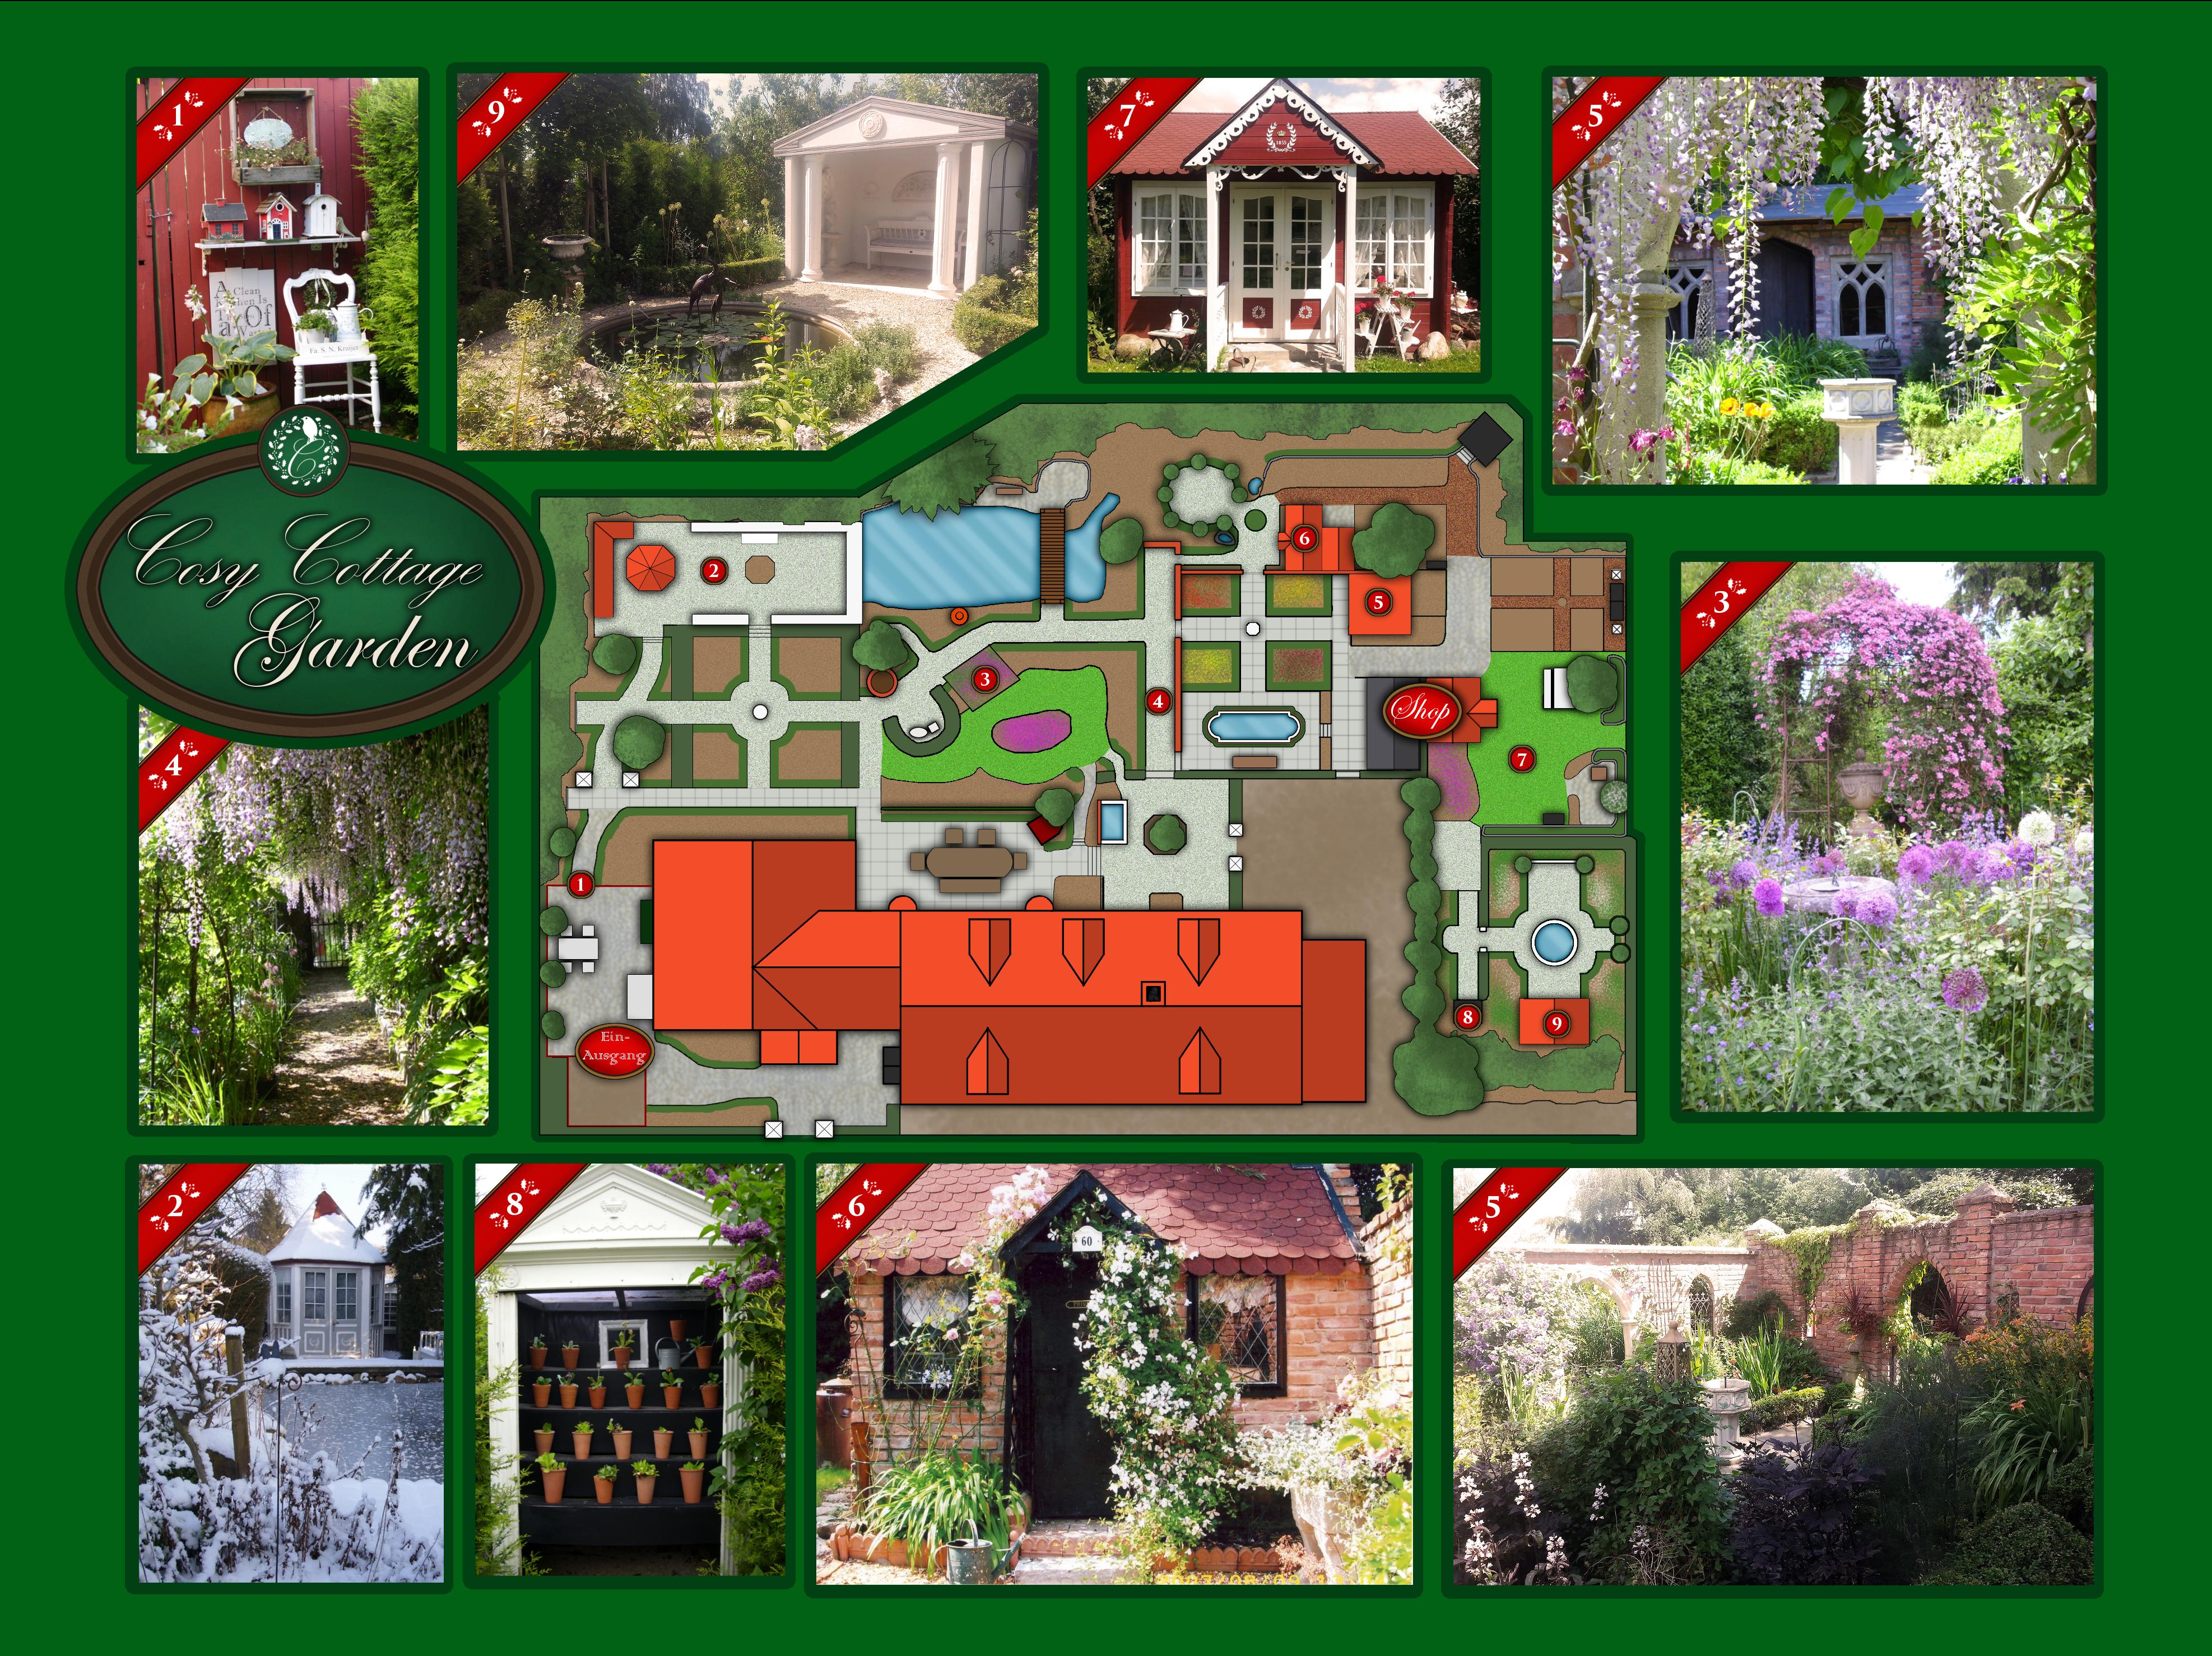 ... Meinen Gartengast Willkommen Heißen Und Sie Auf Einem Rundgang, Den Ich  In Dieser Form Auch Besuchern Anbiete, Durch Unseren Cosy Cottage Garden  Führen: